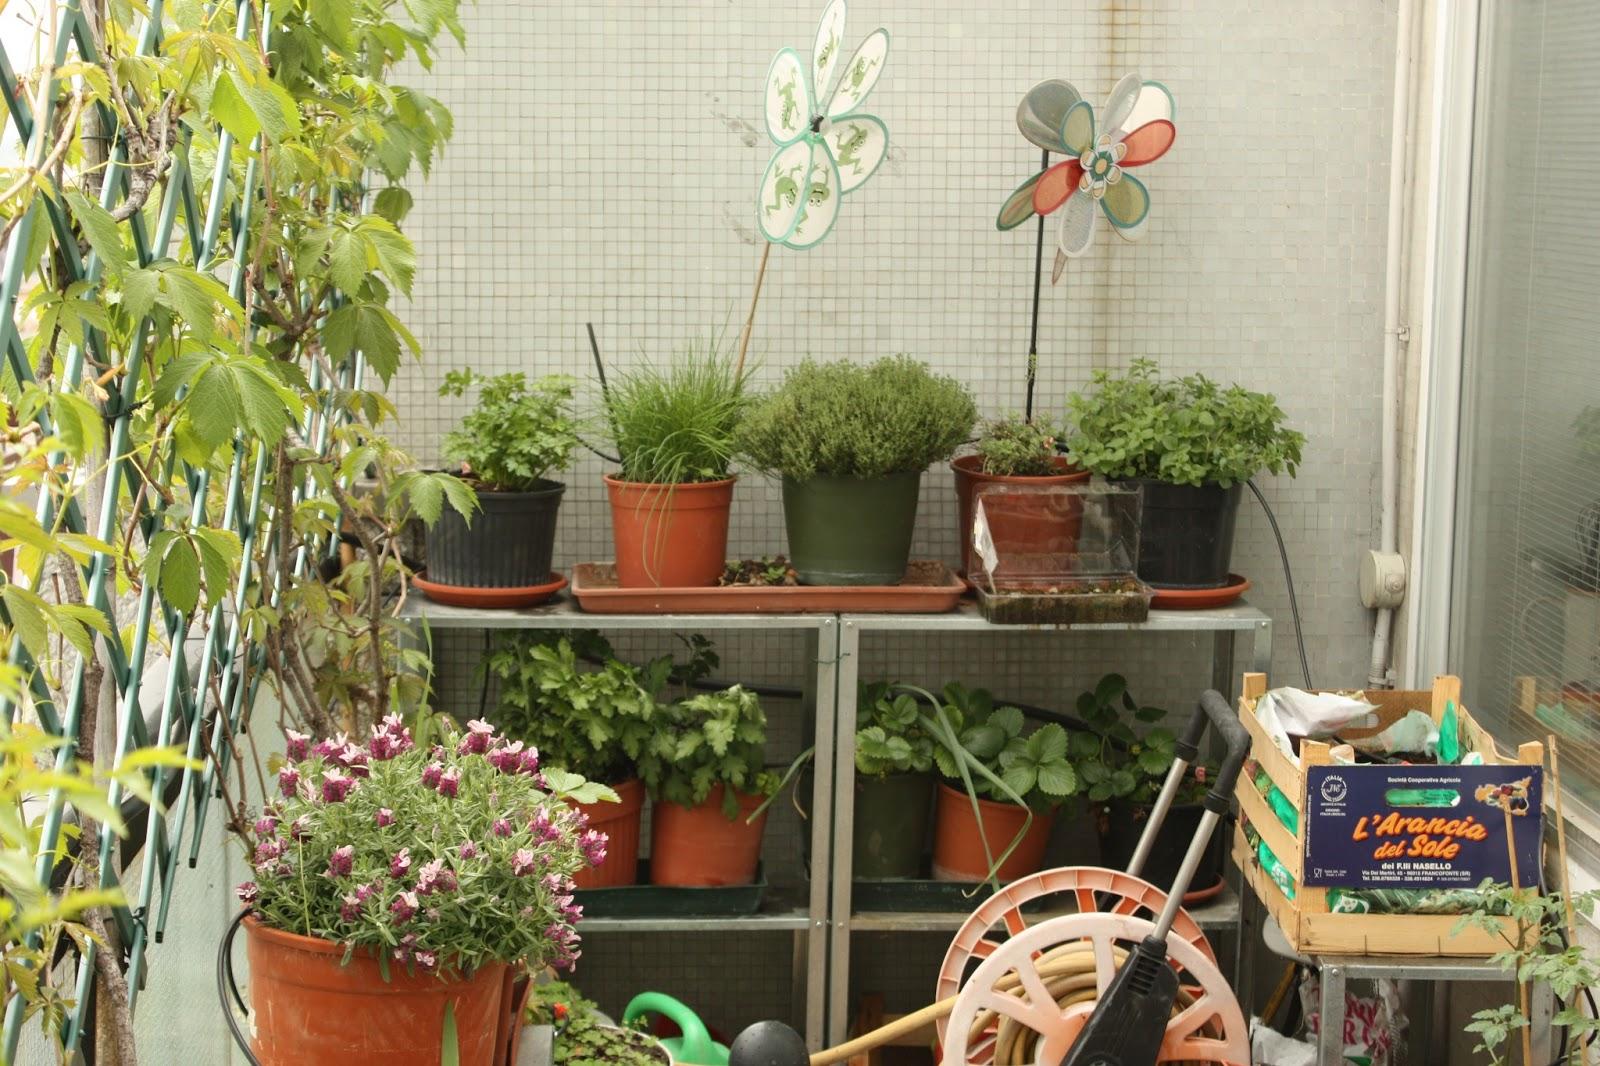 Coltivare pomodori in vaso il mio esperimento terrazzo for Piante pomodori in vaso